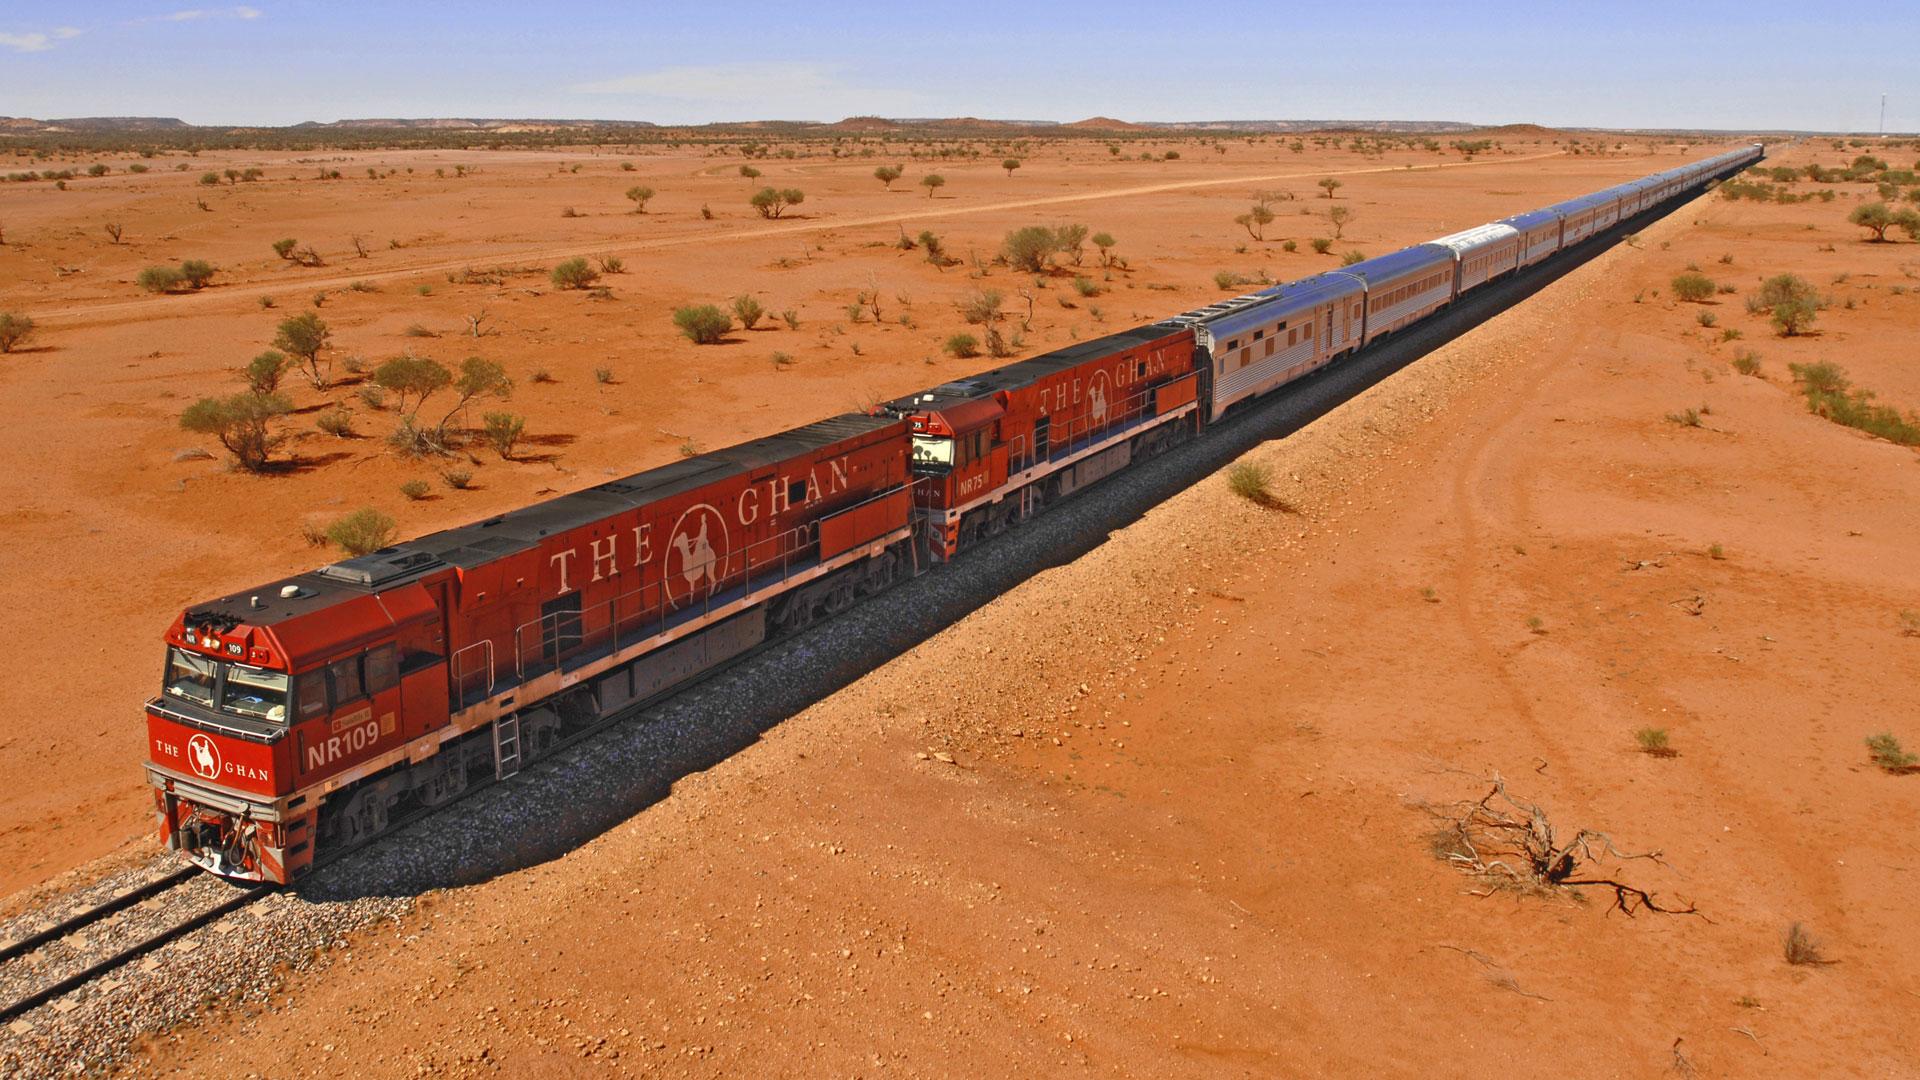 Los 10 viajes mas espectaculares_04 The Ghan, Australia